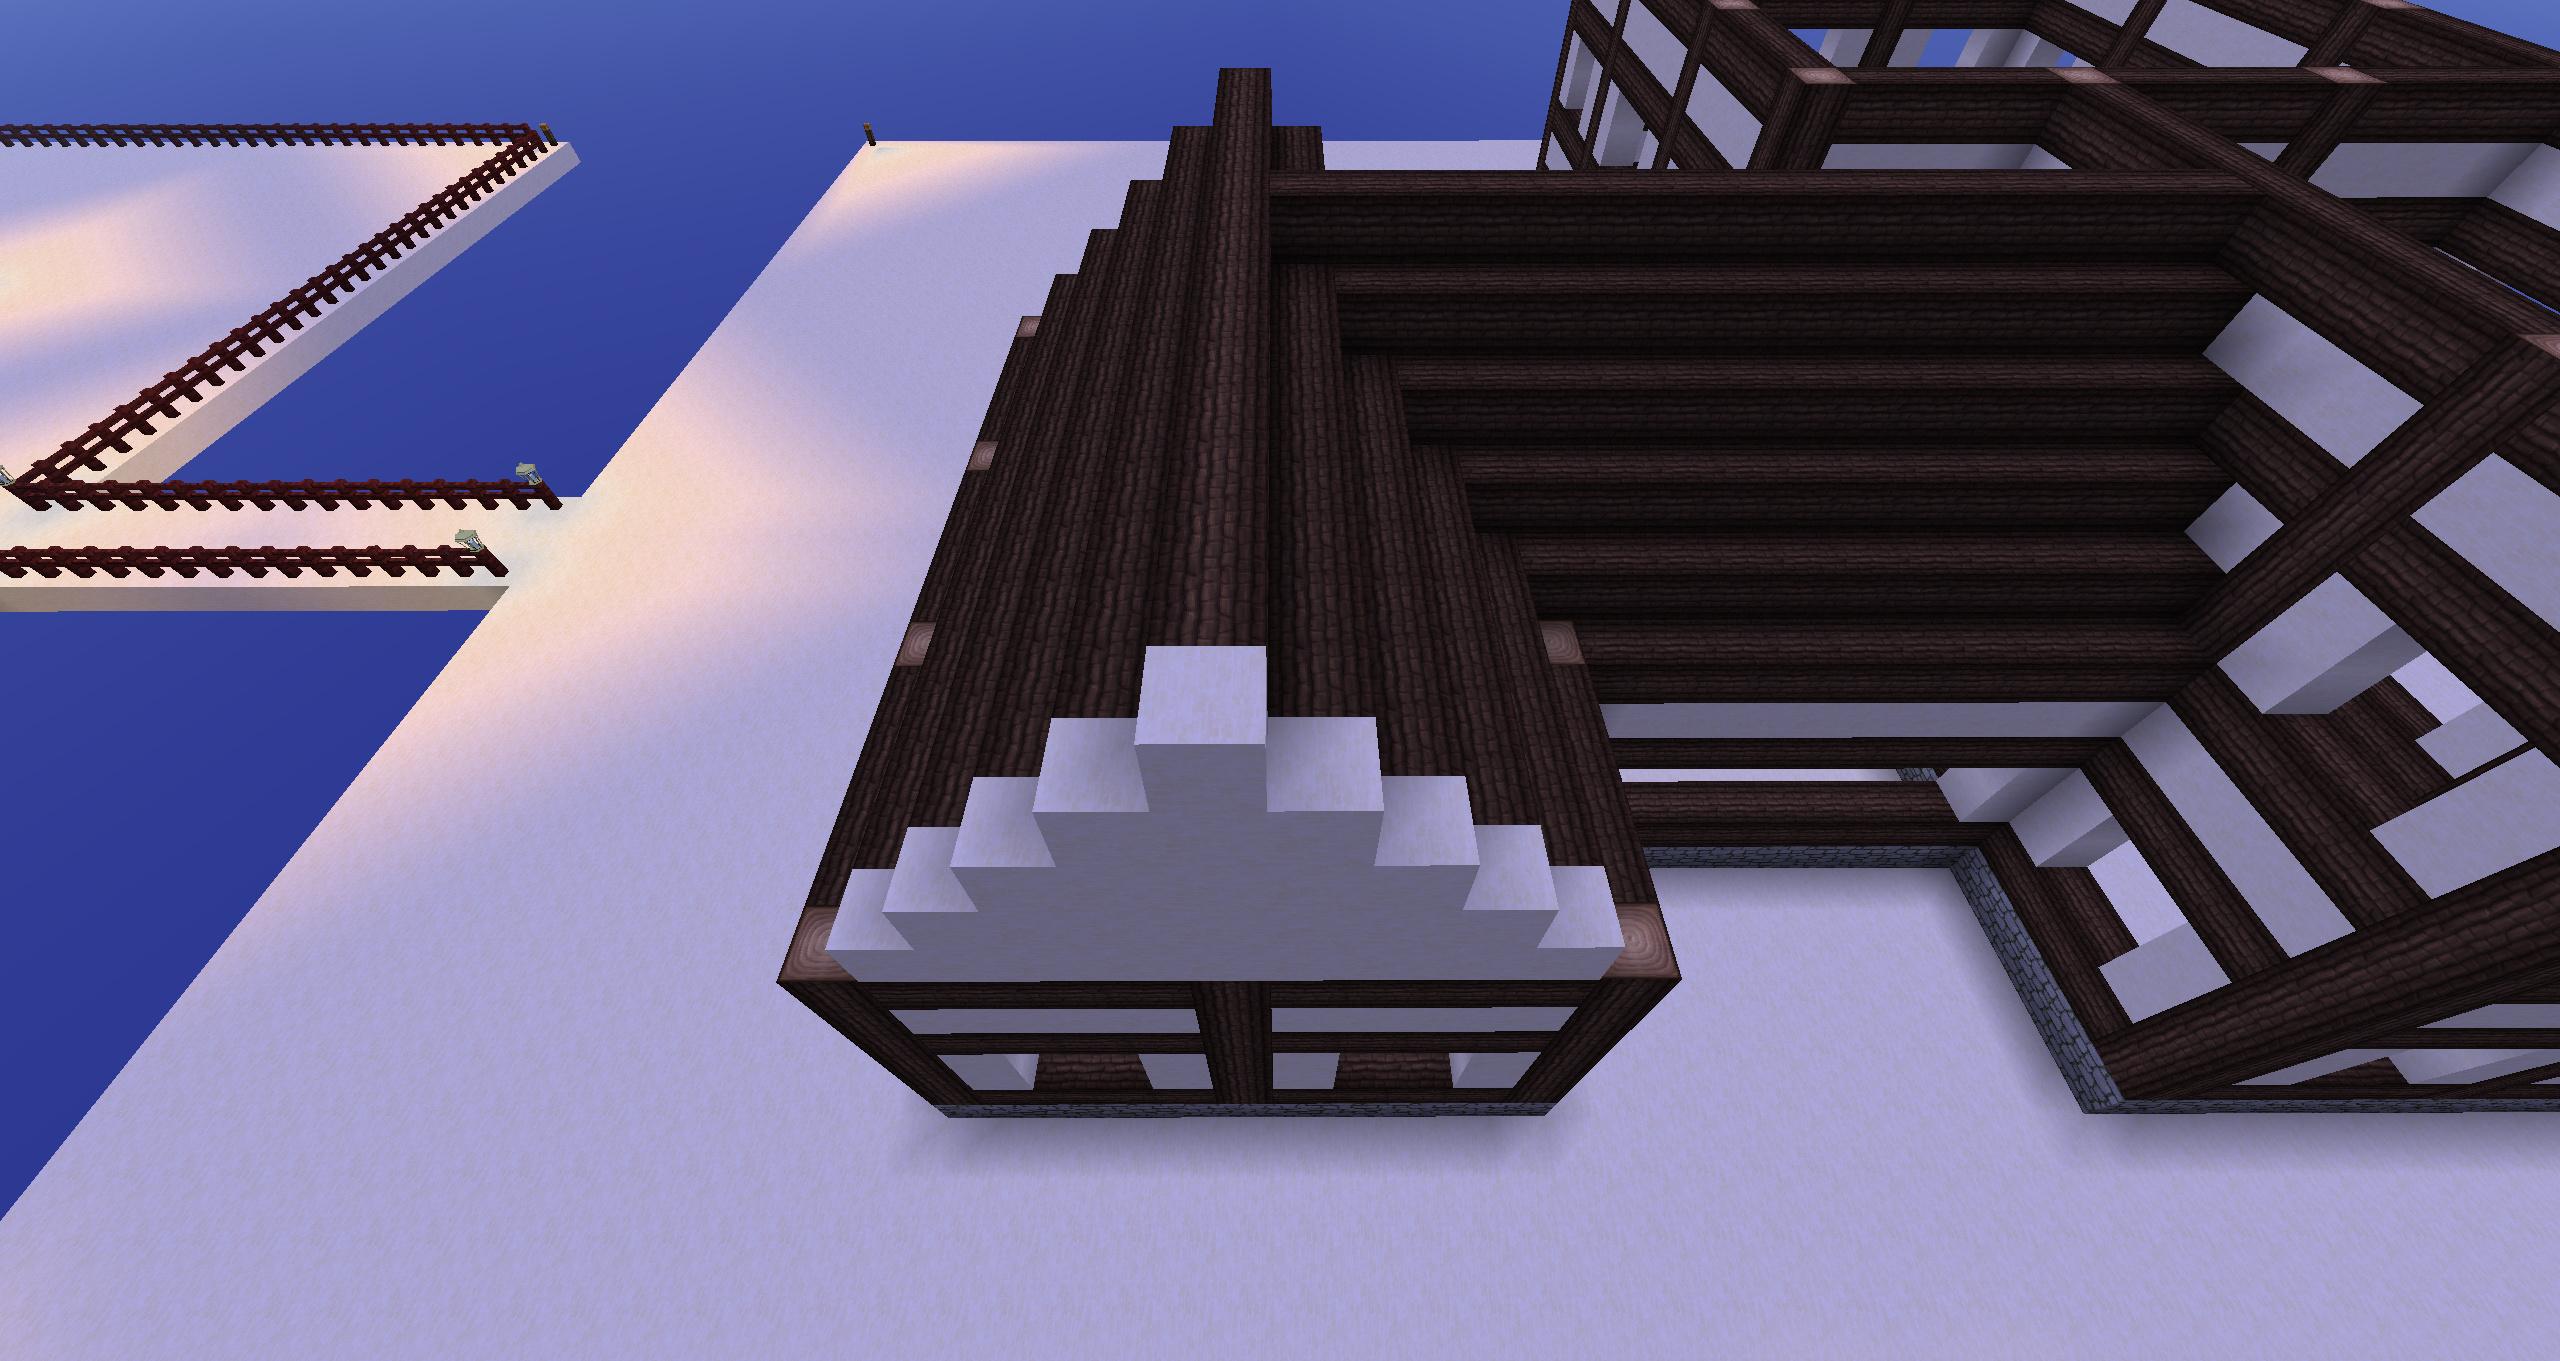 Mittelklasse Haus Einsteiger Anleitung Für Mittelalter Häuser - Minecraft fertige hauser einfugen